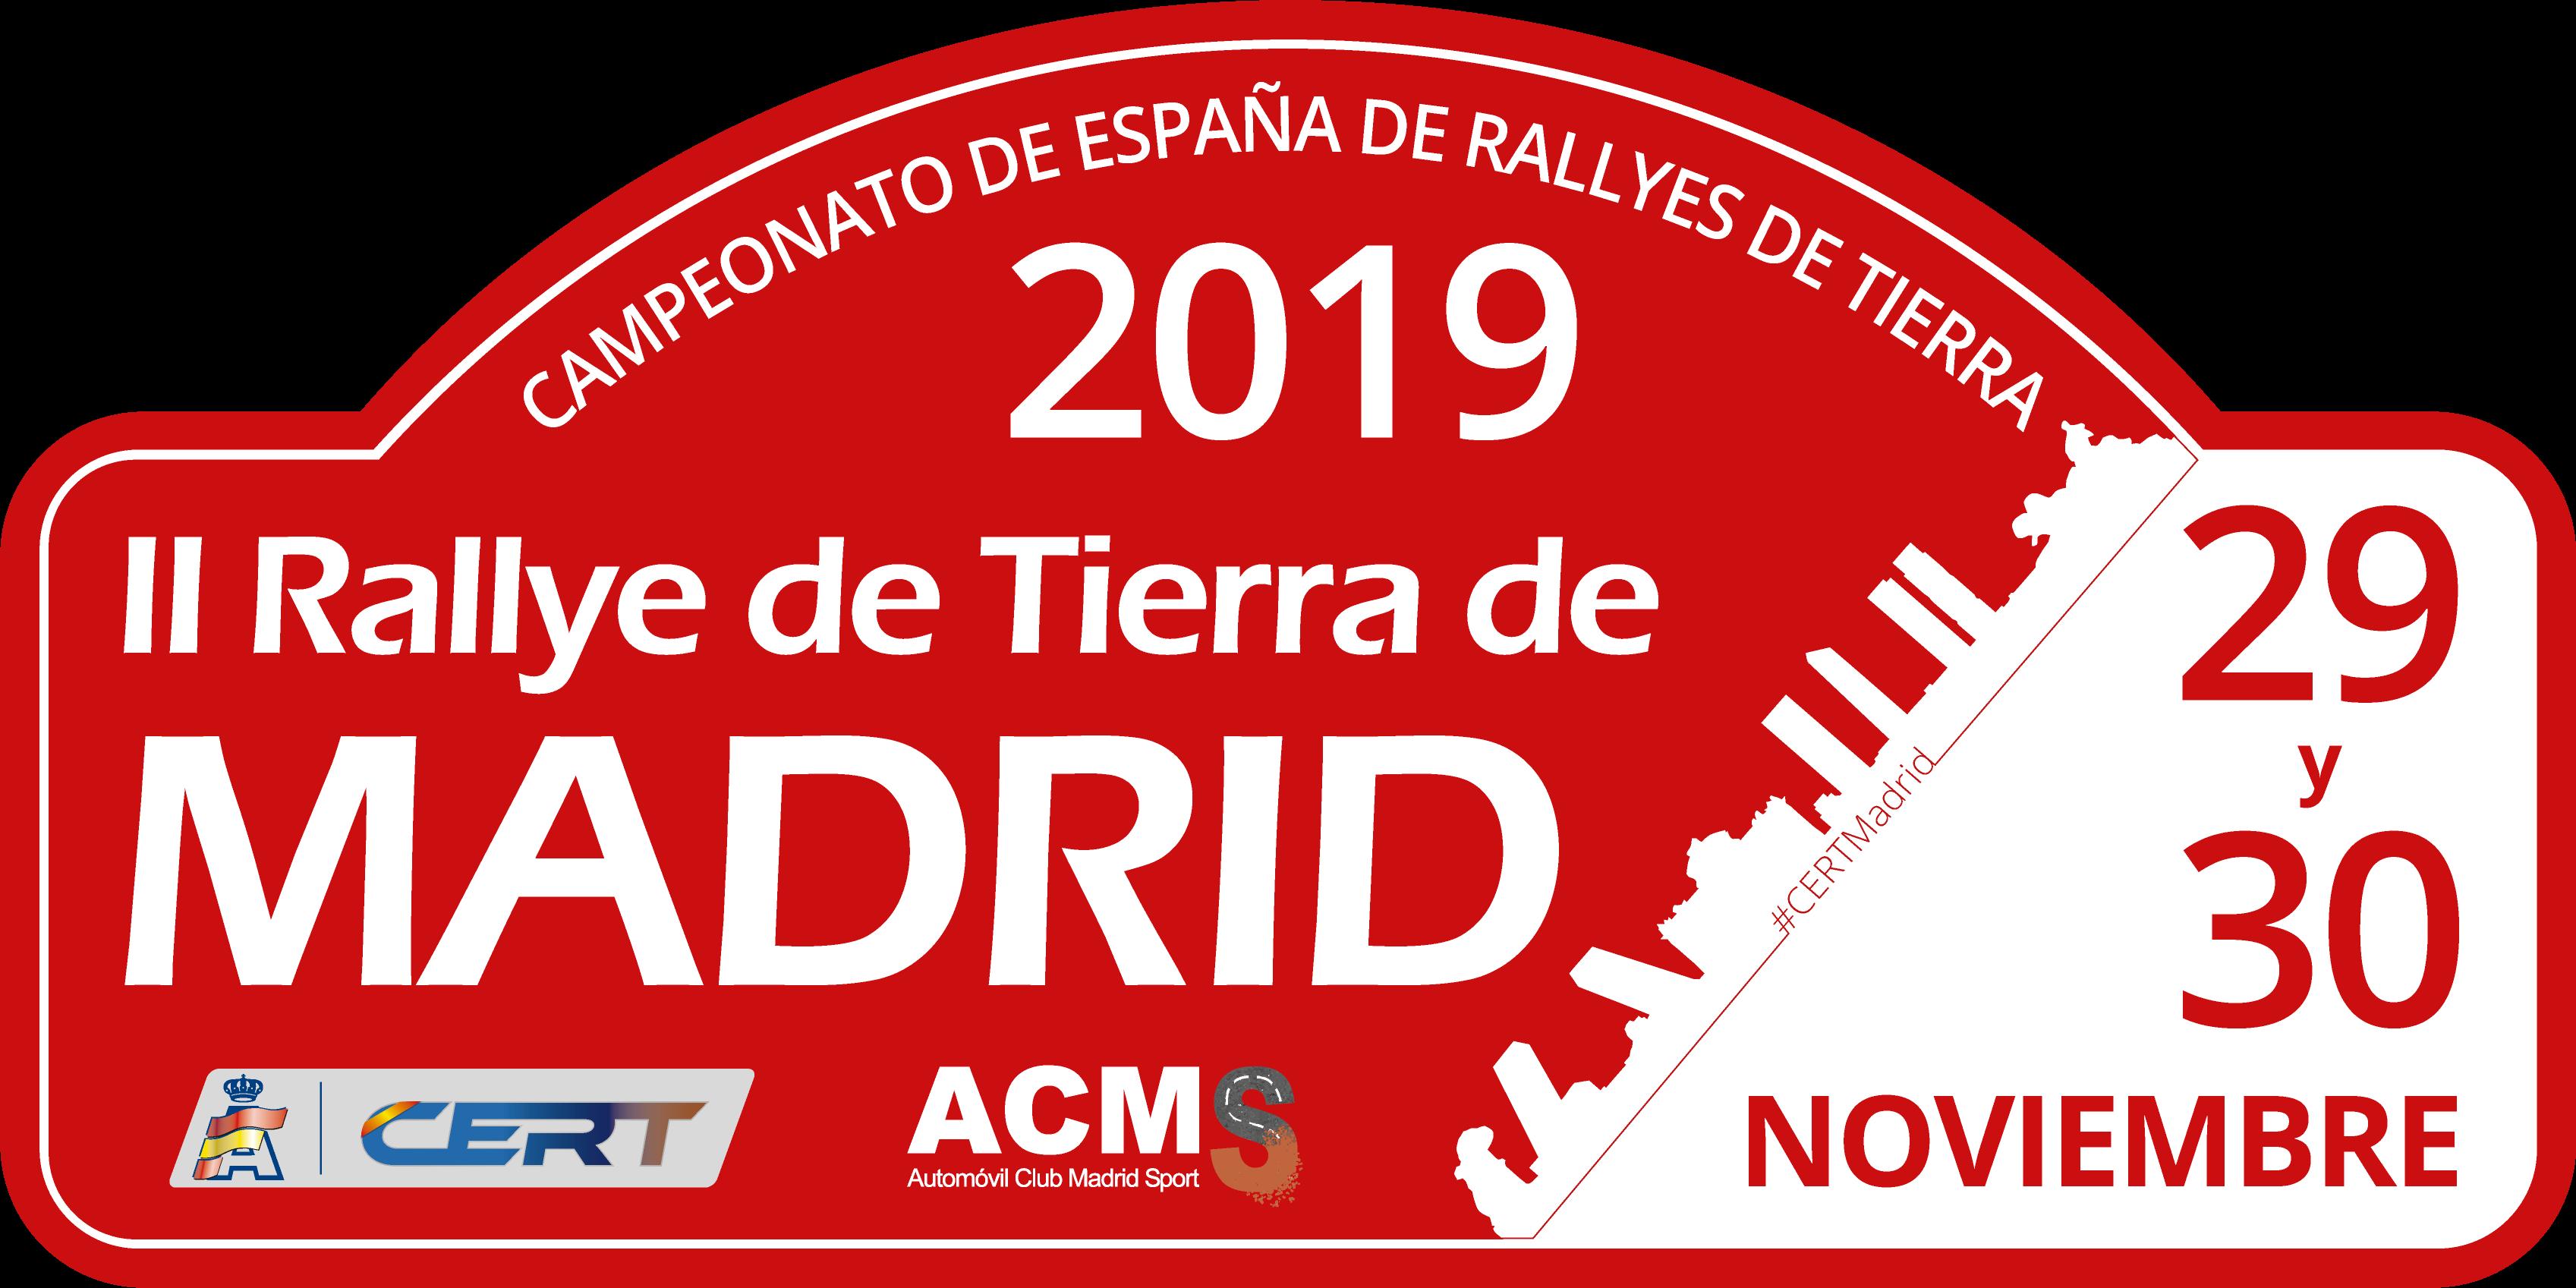 Placa Rally de Madrid 2019